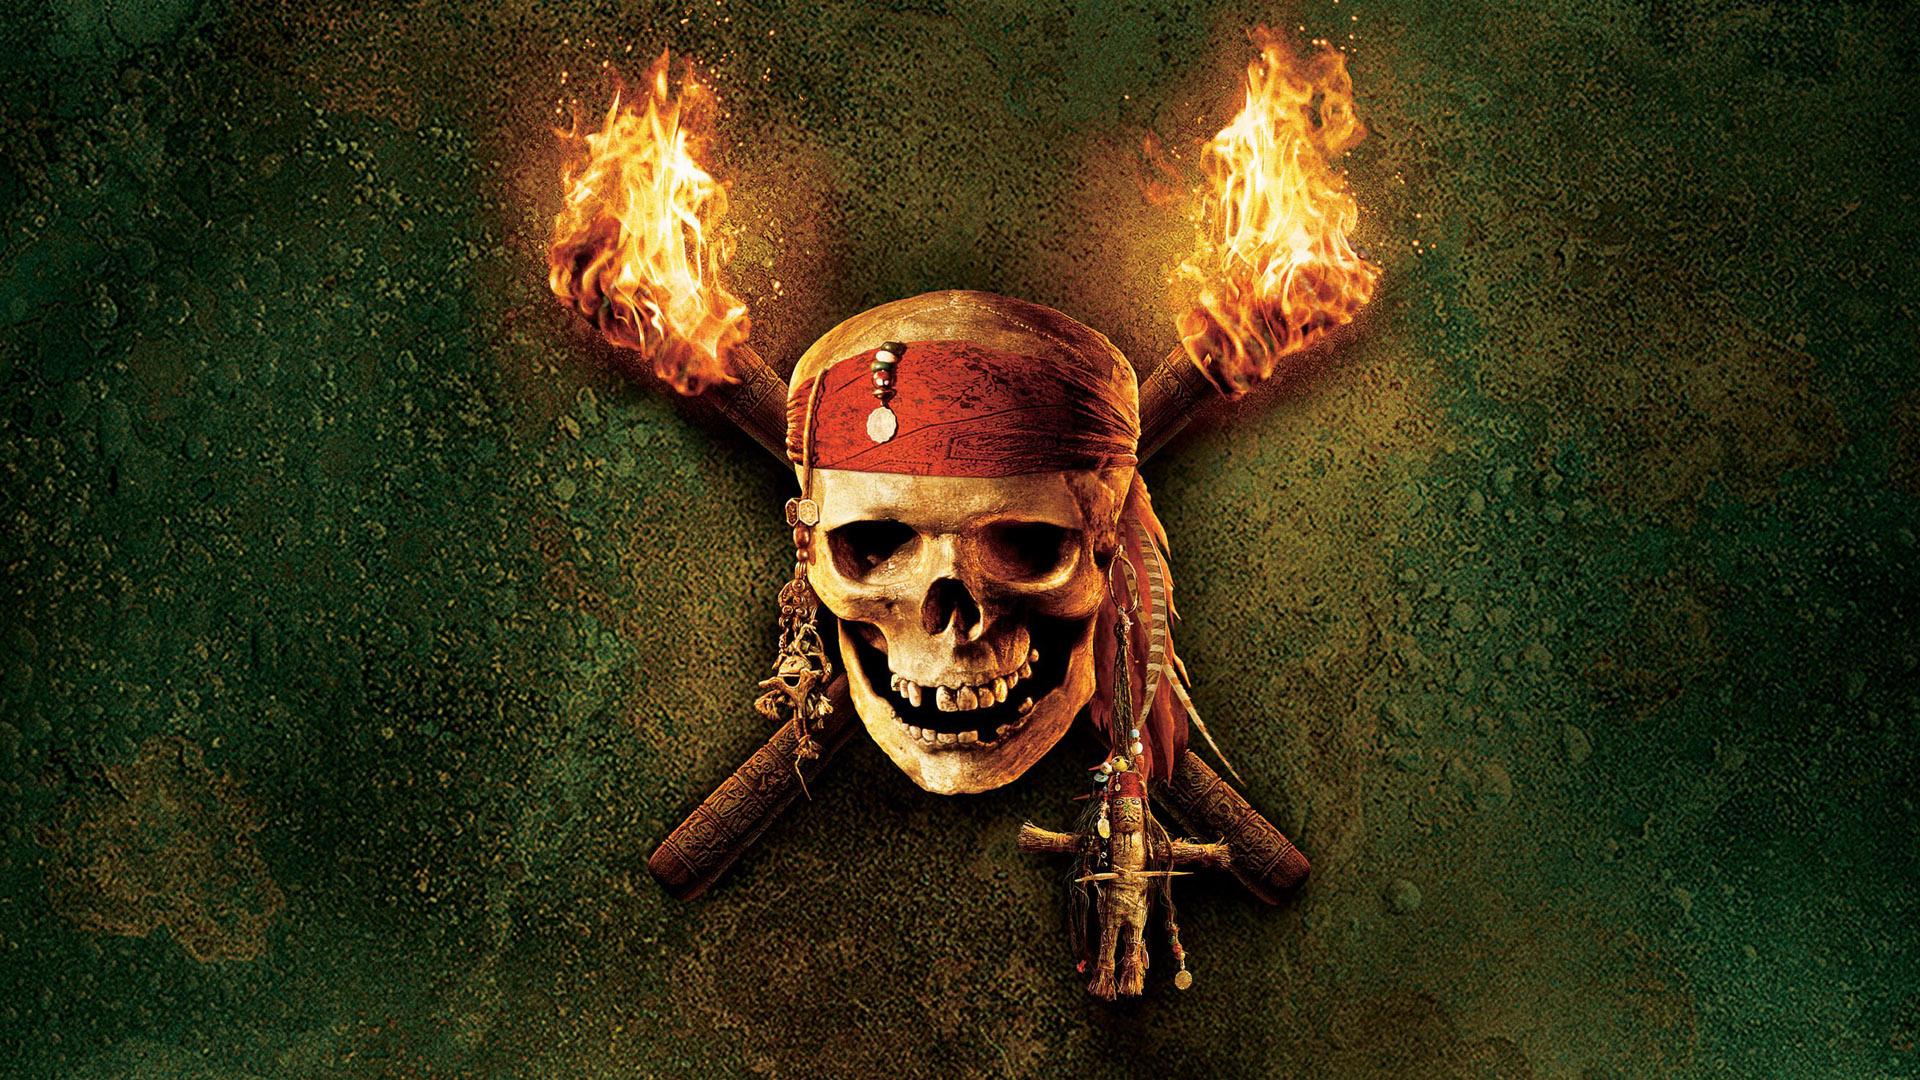 1-2 ildən sonra pirat oyunlar ümumiyyətlə olmaya bilər